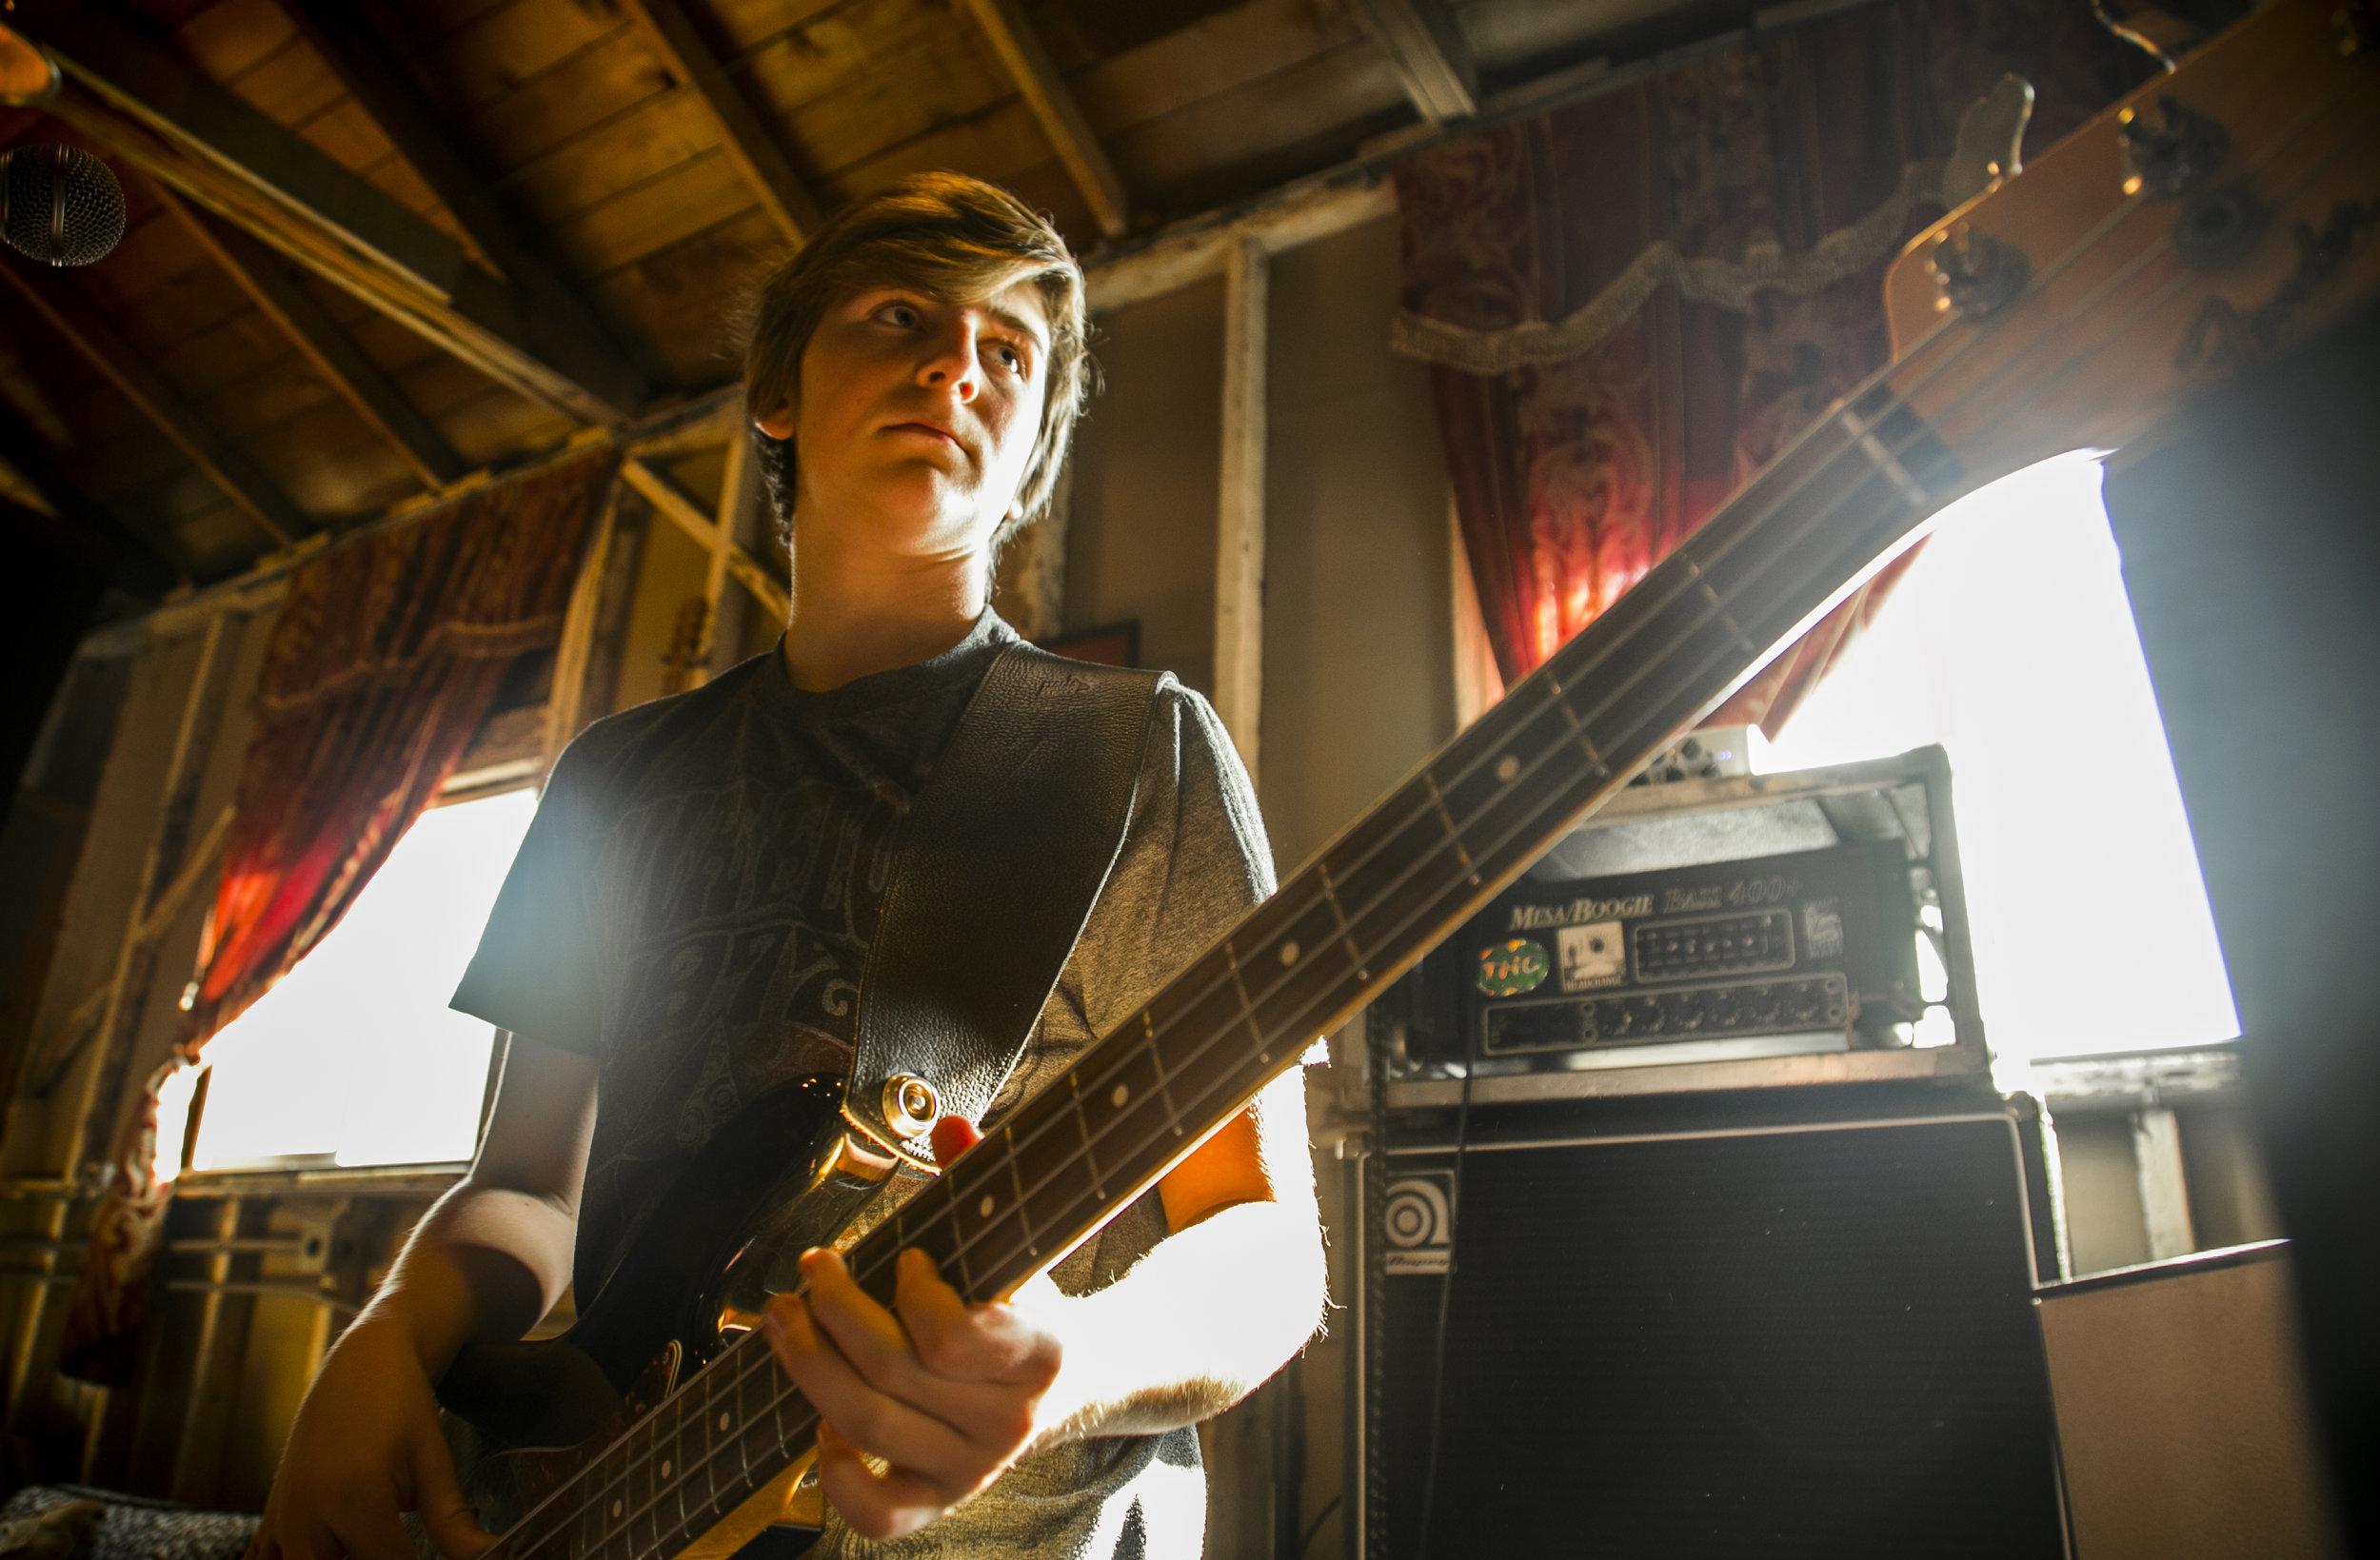 Jersey-bass_studio_sunlight.jpg